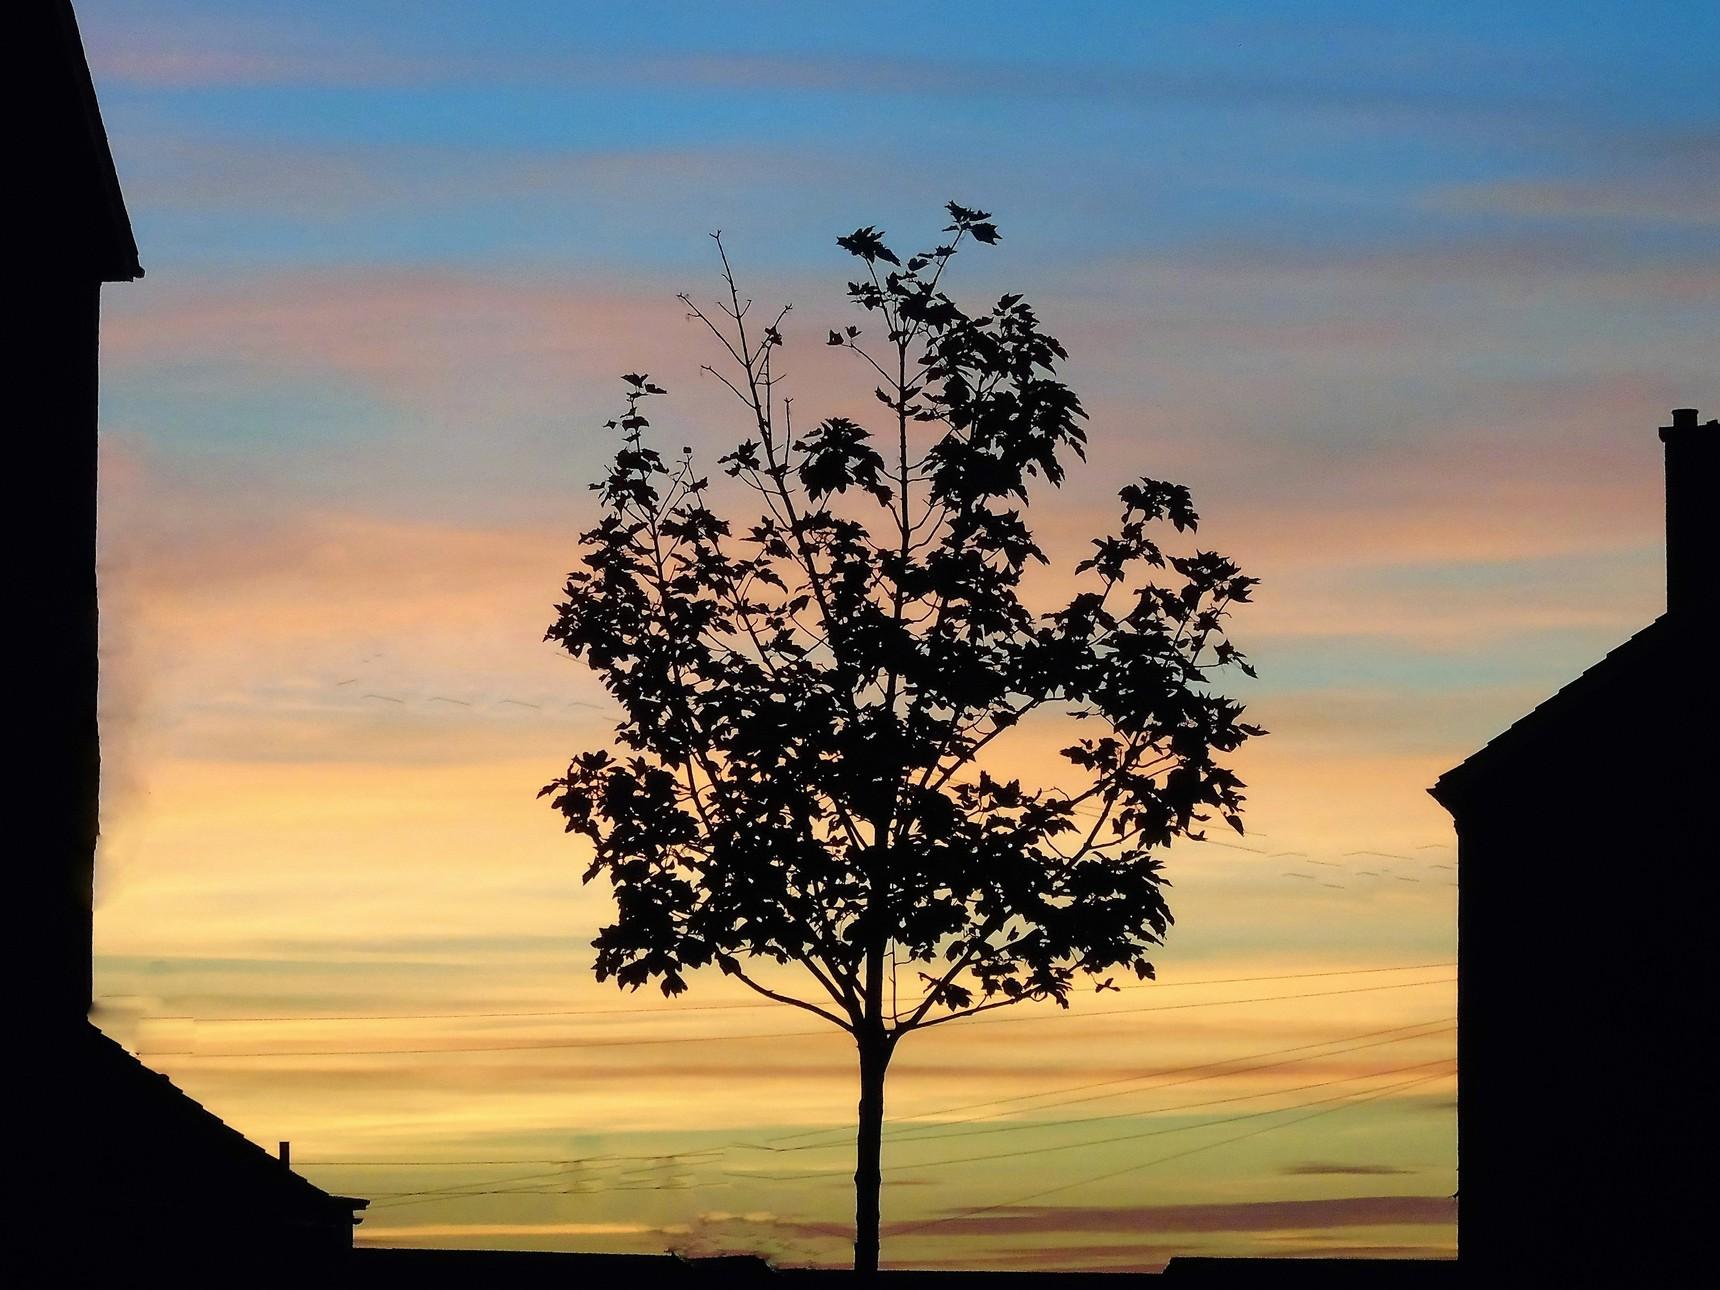 An Oxgangs sunset